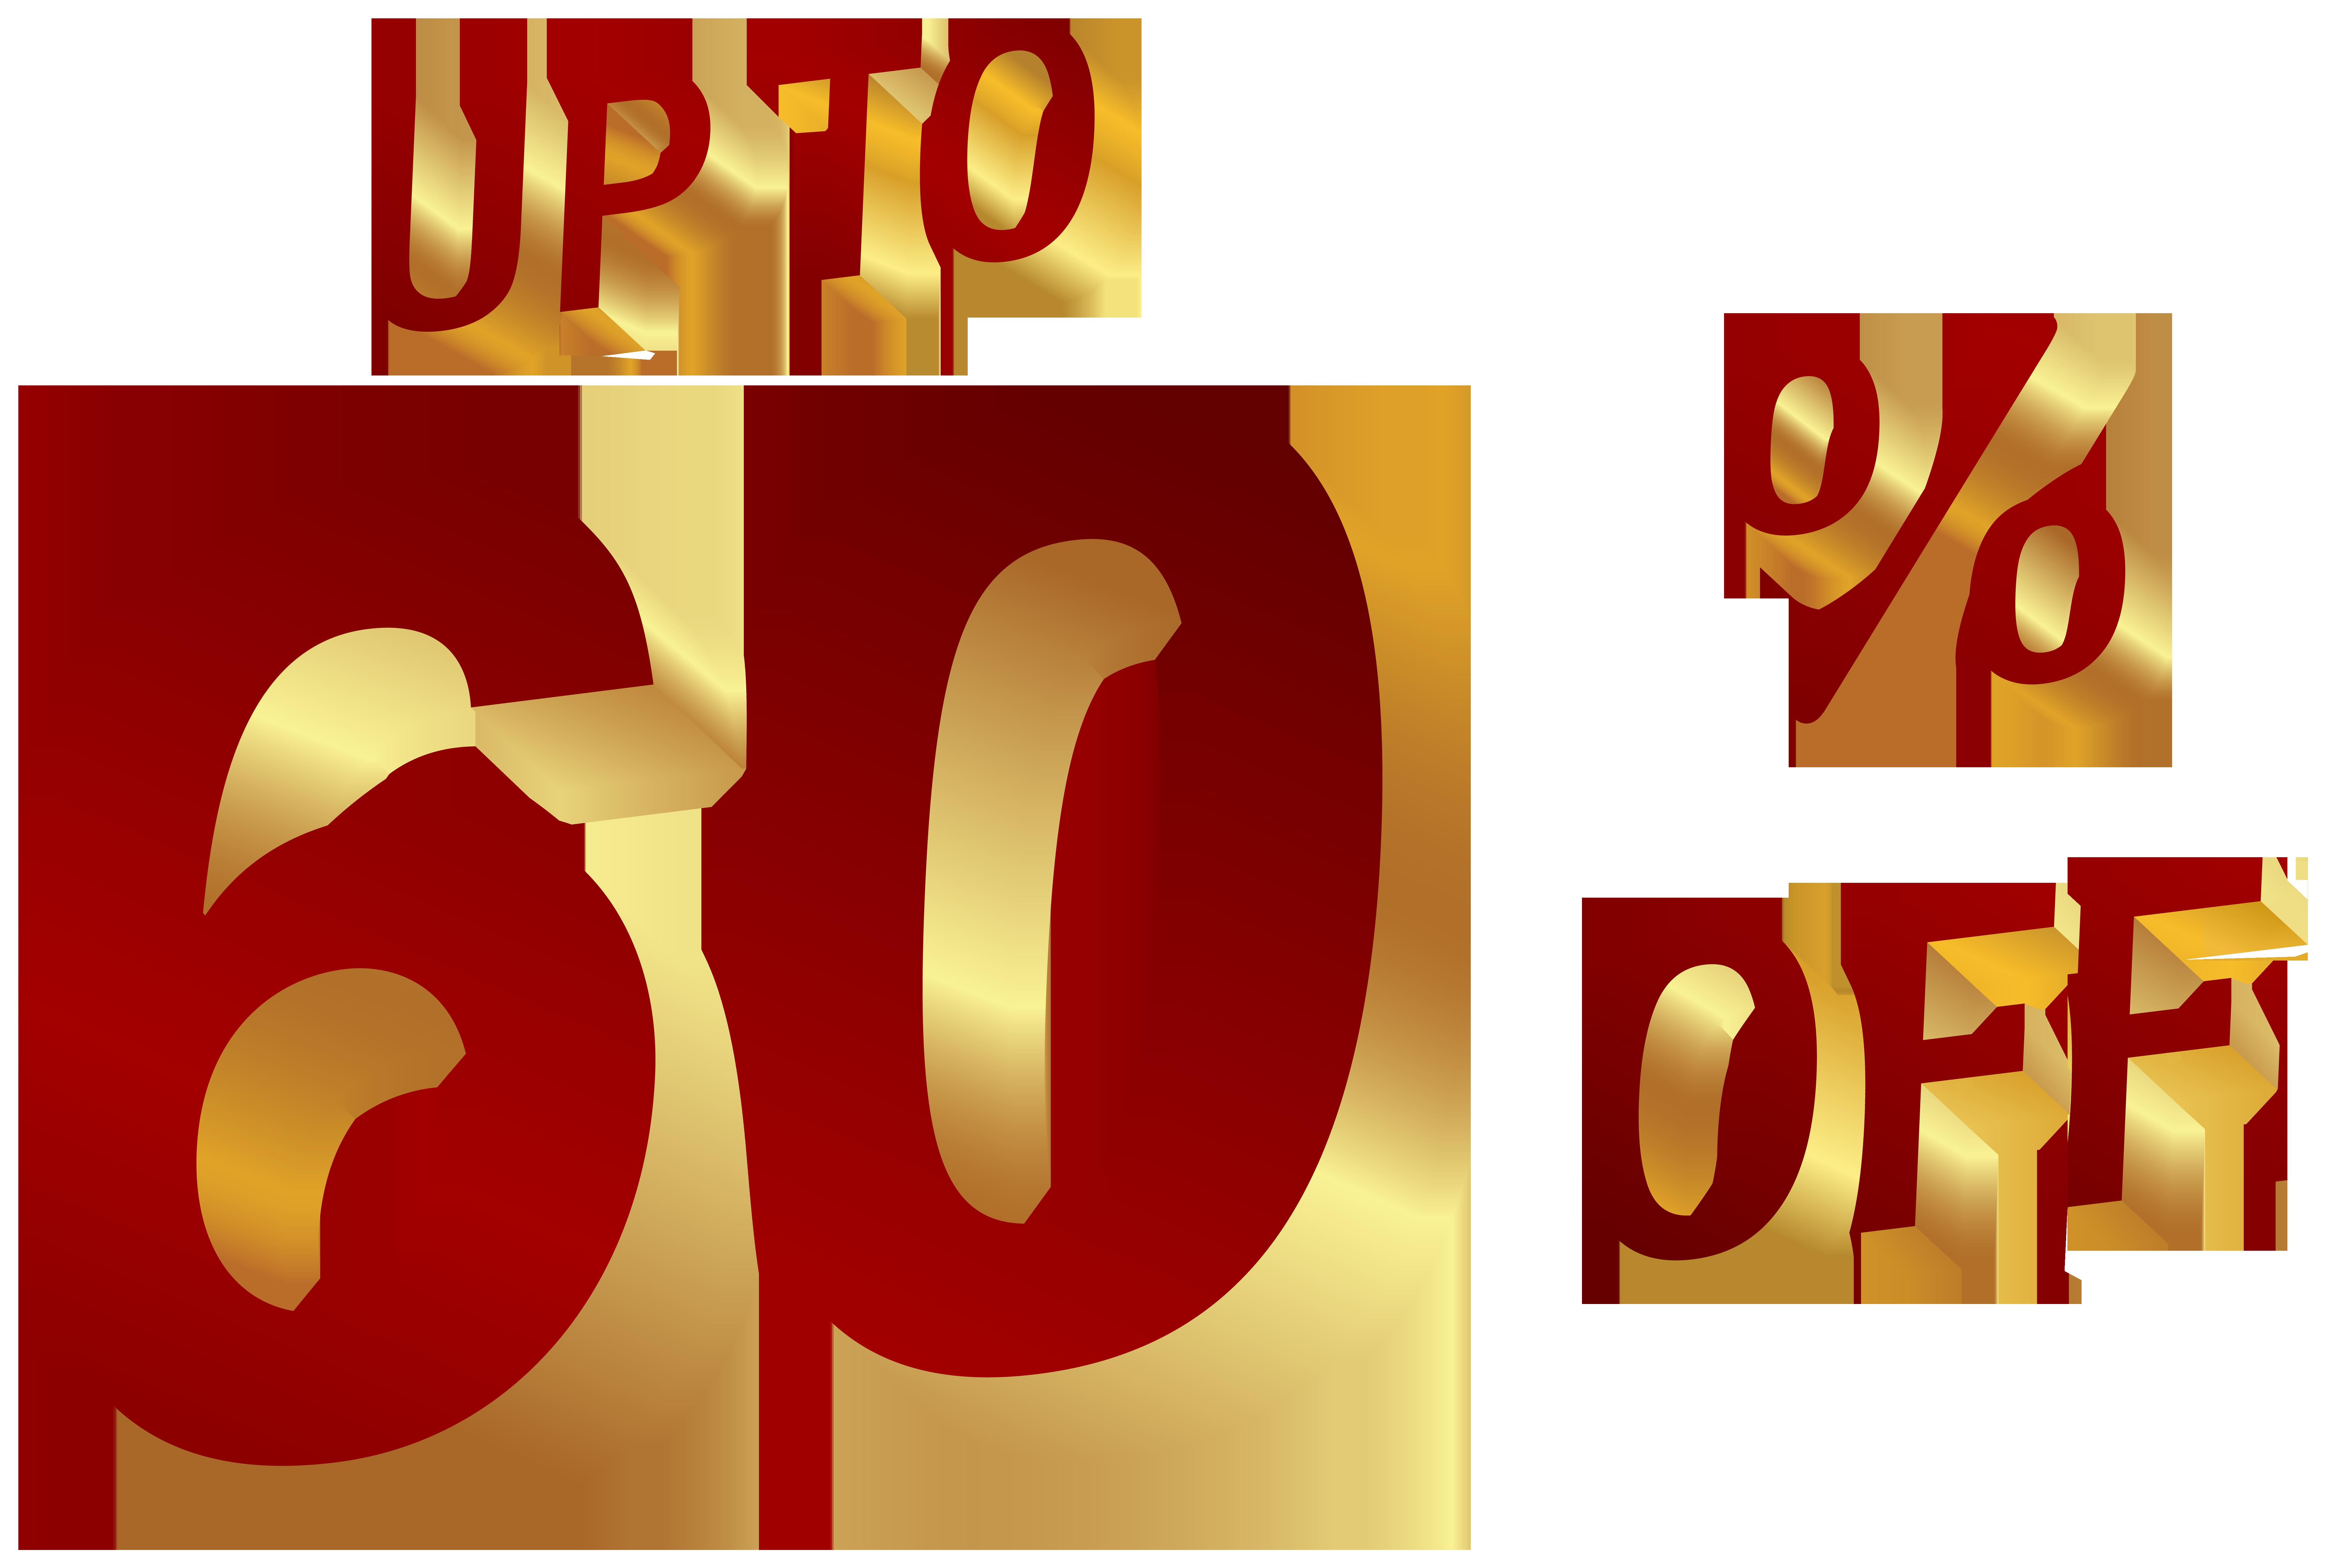 60 Percent Discount Clip Art Image.